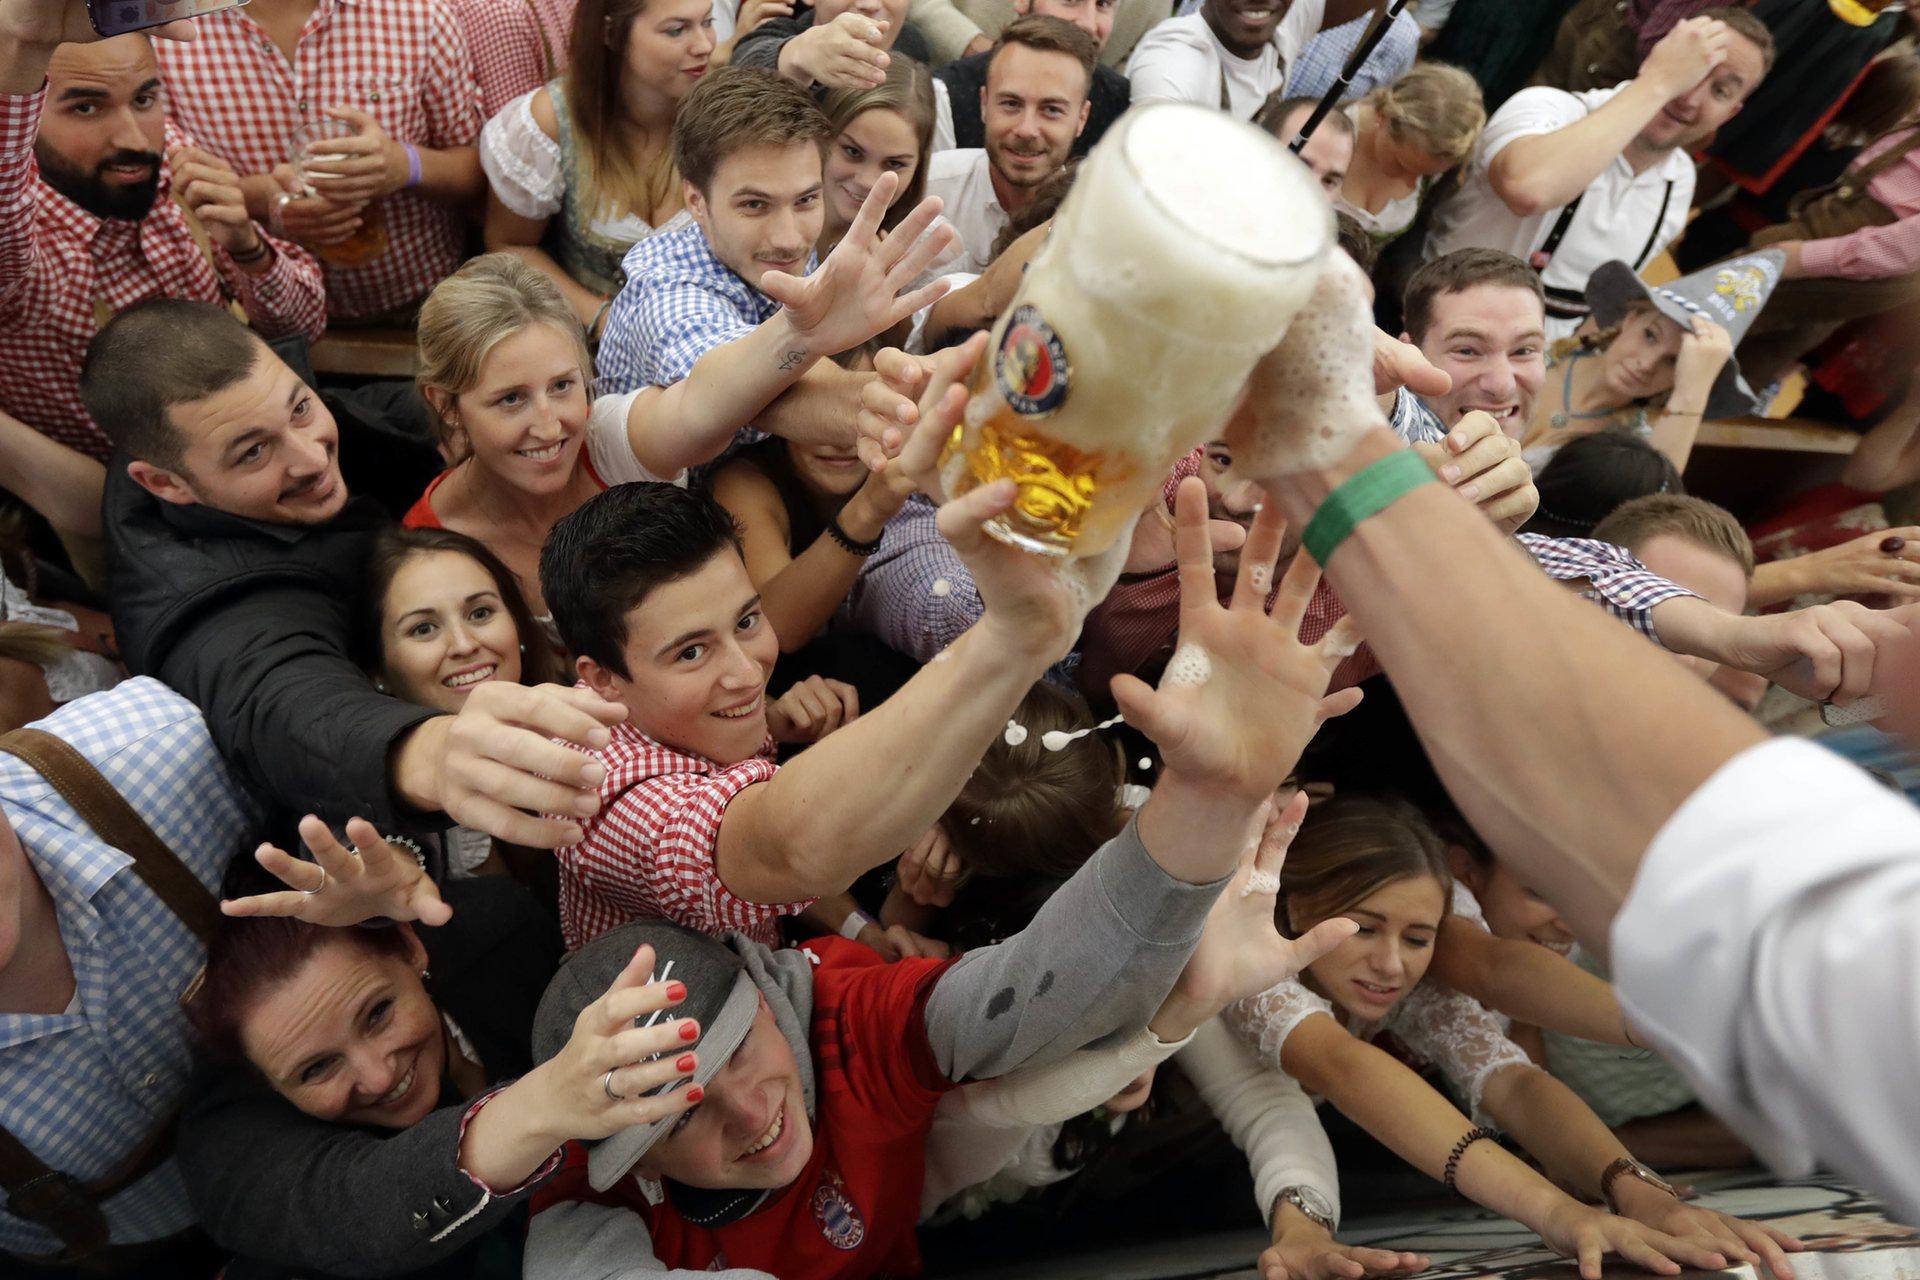 Первые бокалы пива раздаются бесплатно. Фото: Matthias Schrader/AP